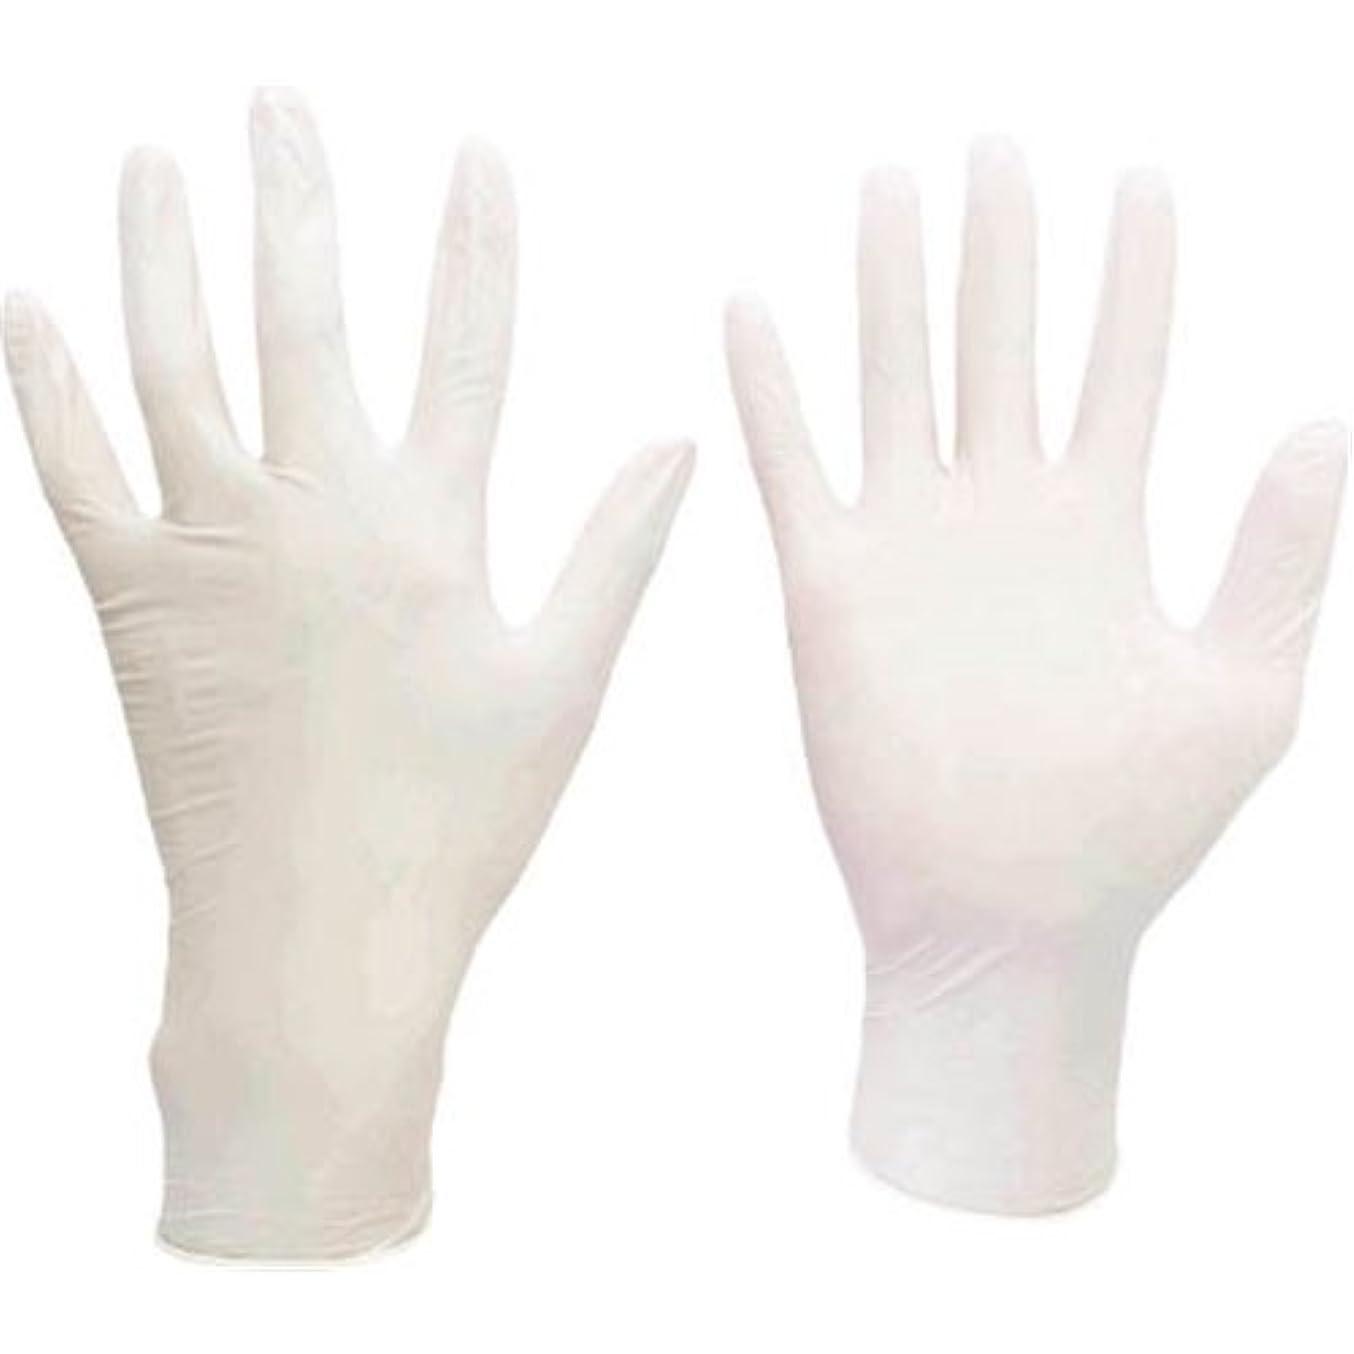 ミドリ安全/ミドリ安全 ニトリル使い捨て手袋 極薄 粉なし 100枚入 白 M(3889084) VERTE-711-M